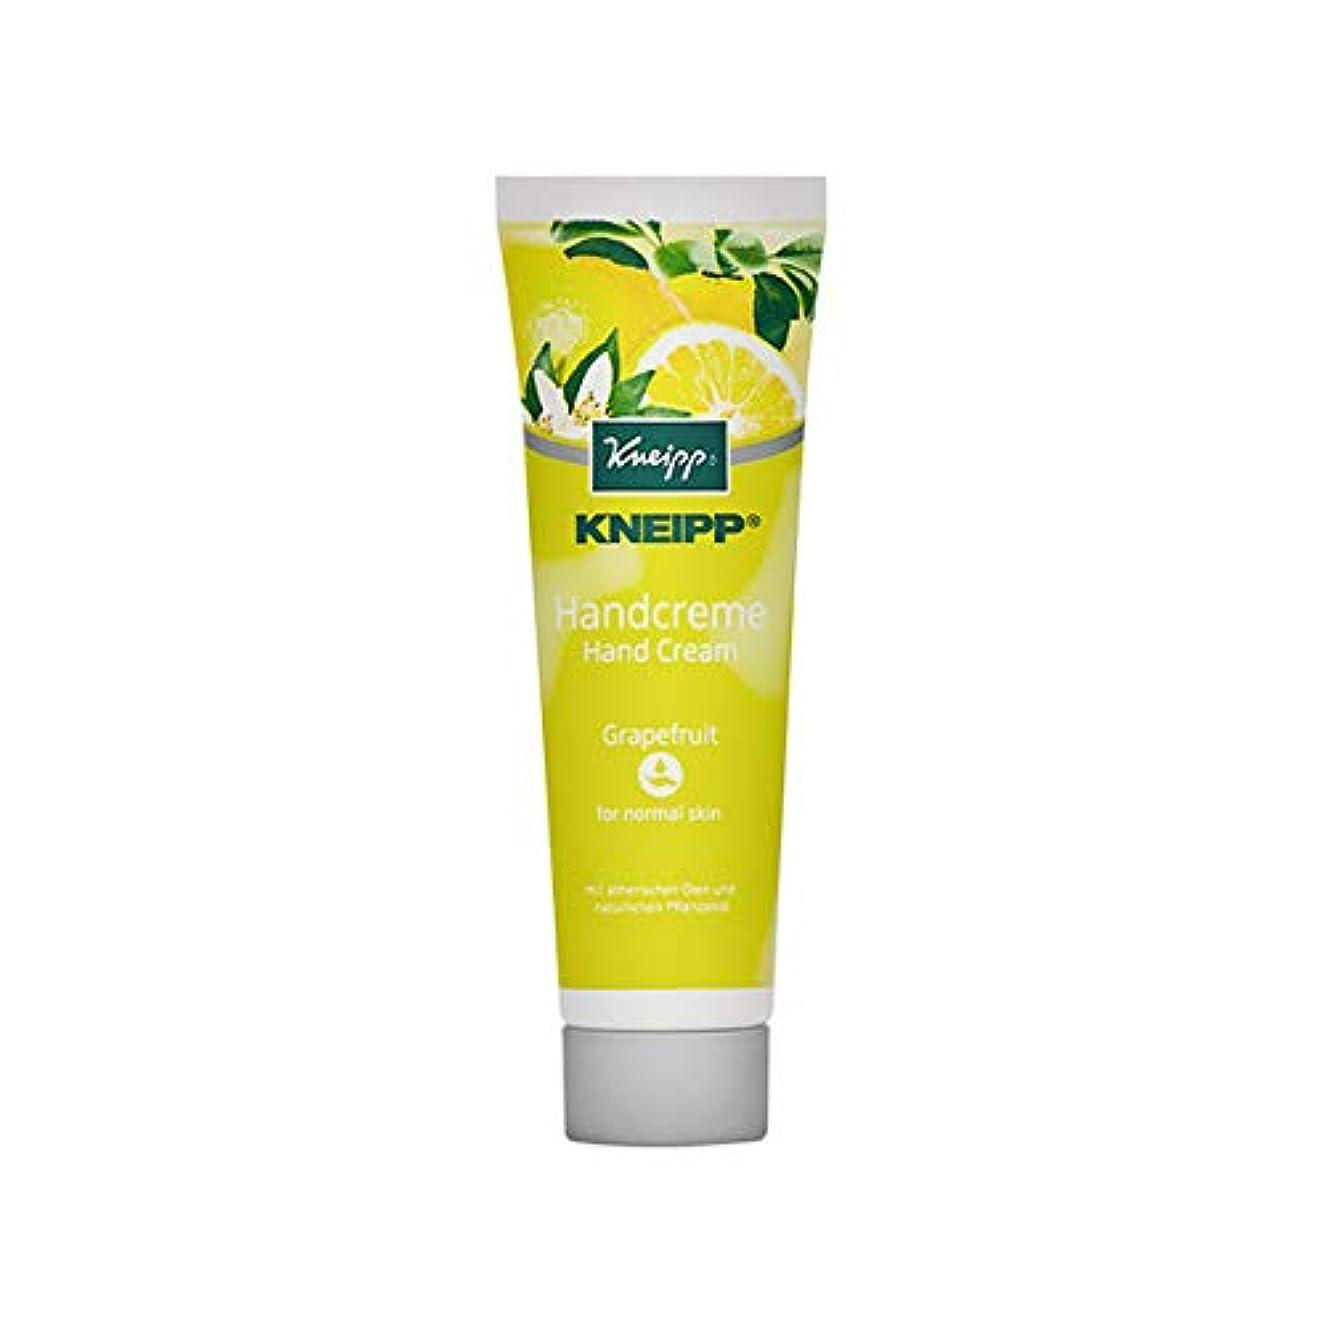 維持密輸添加剤クナイプ(Kneipp) クナイプ ハンドクリーム グレープフルーツの香り 20ml